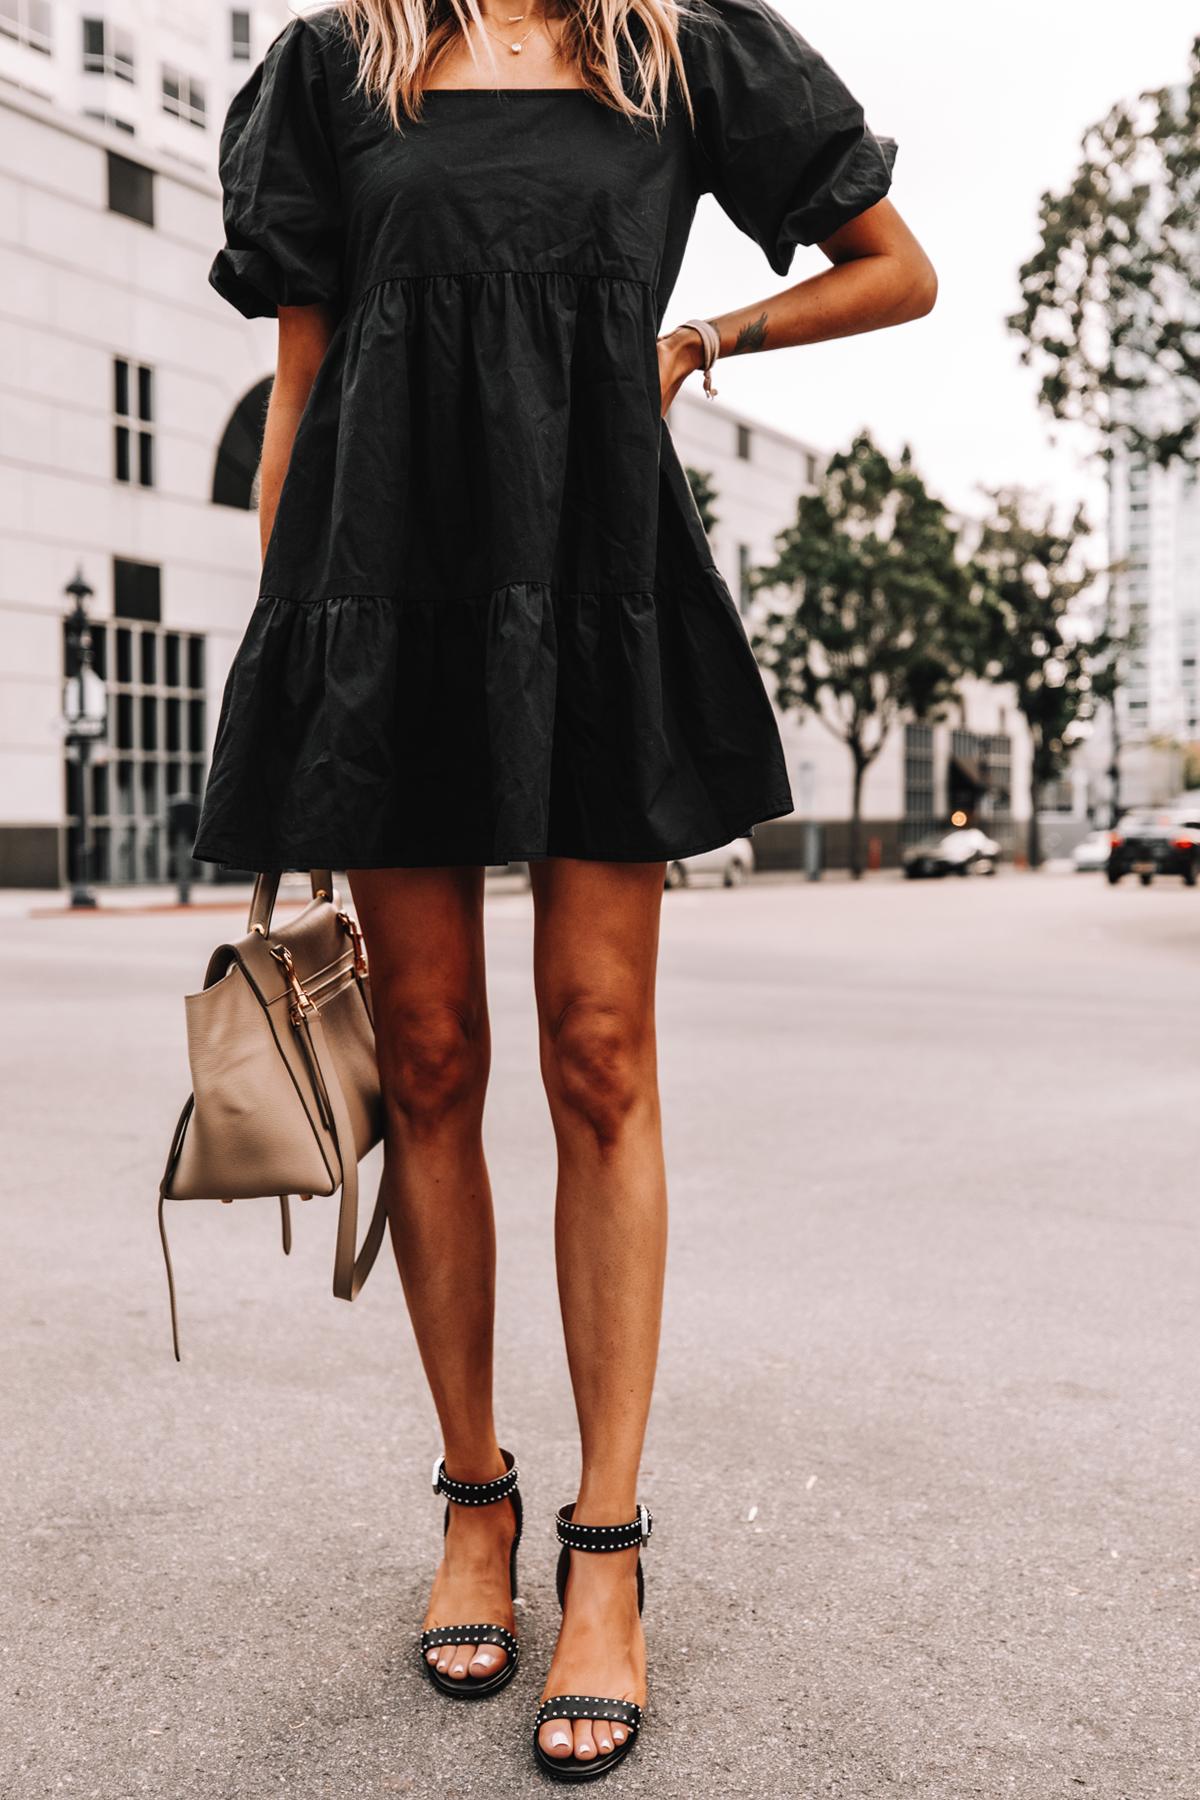 Fashion Jackson Wearing Black Ruffle Dress Givenchy Elegant 60 studded leather sandals Black